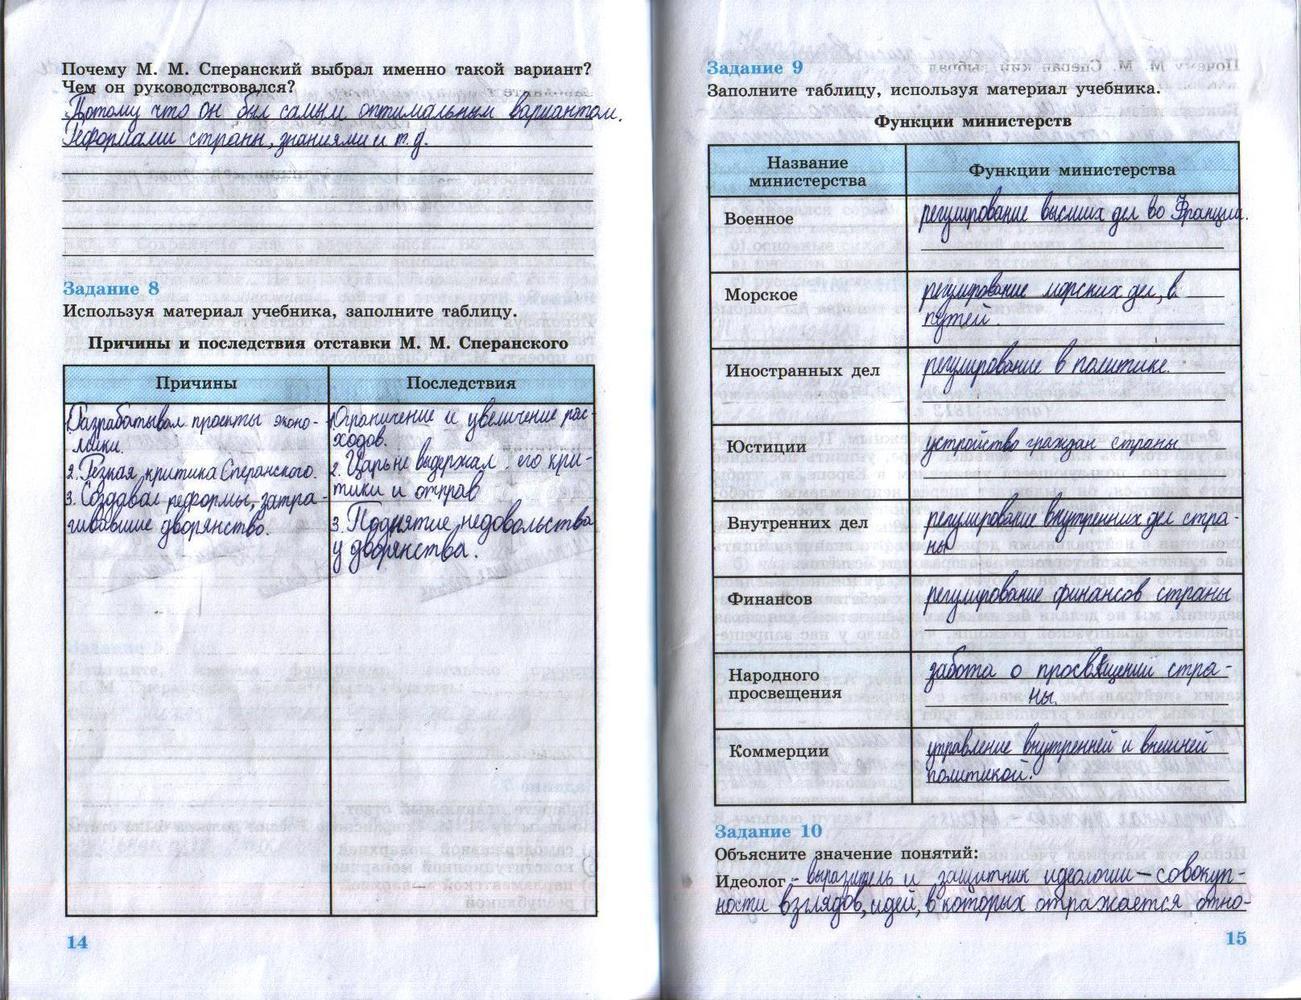 Гдз рабочей к история тетради класс 8 россии